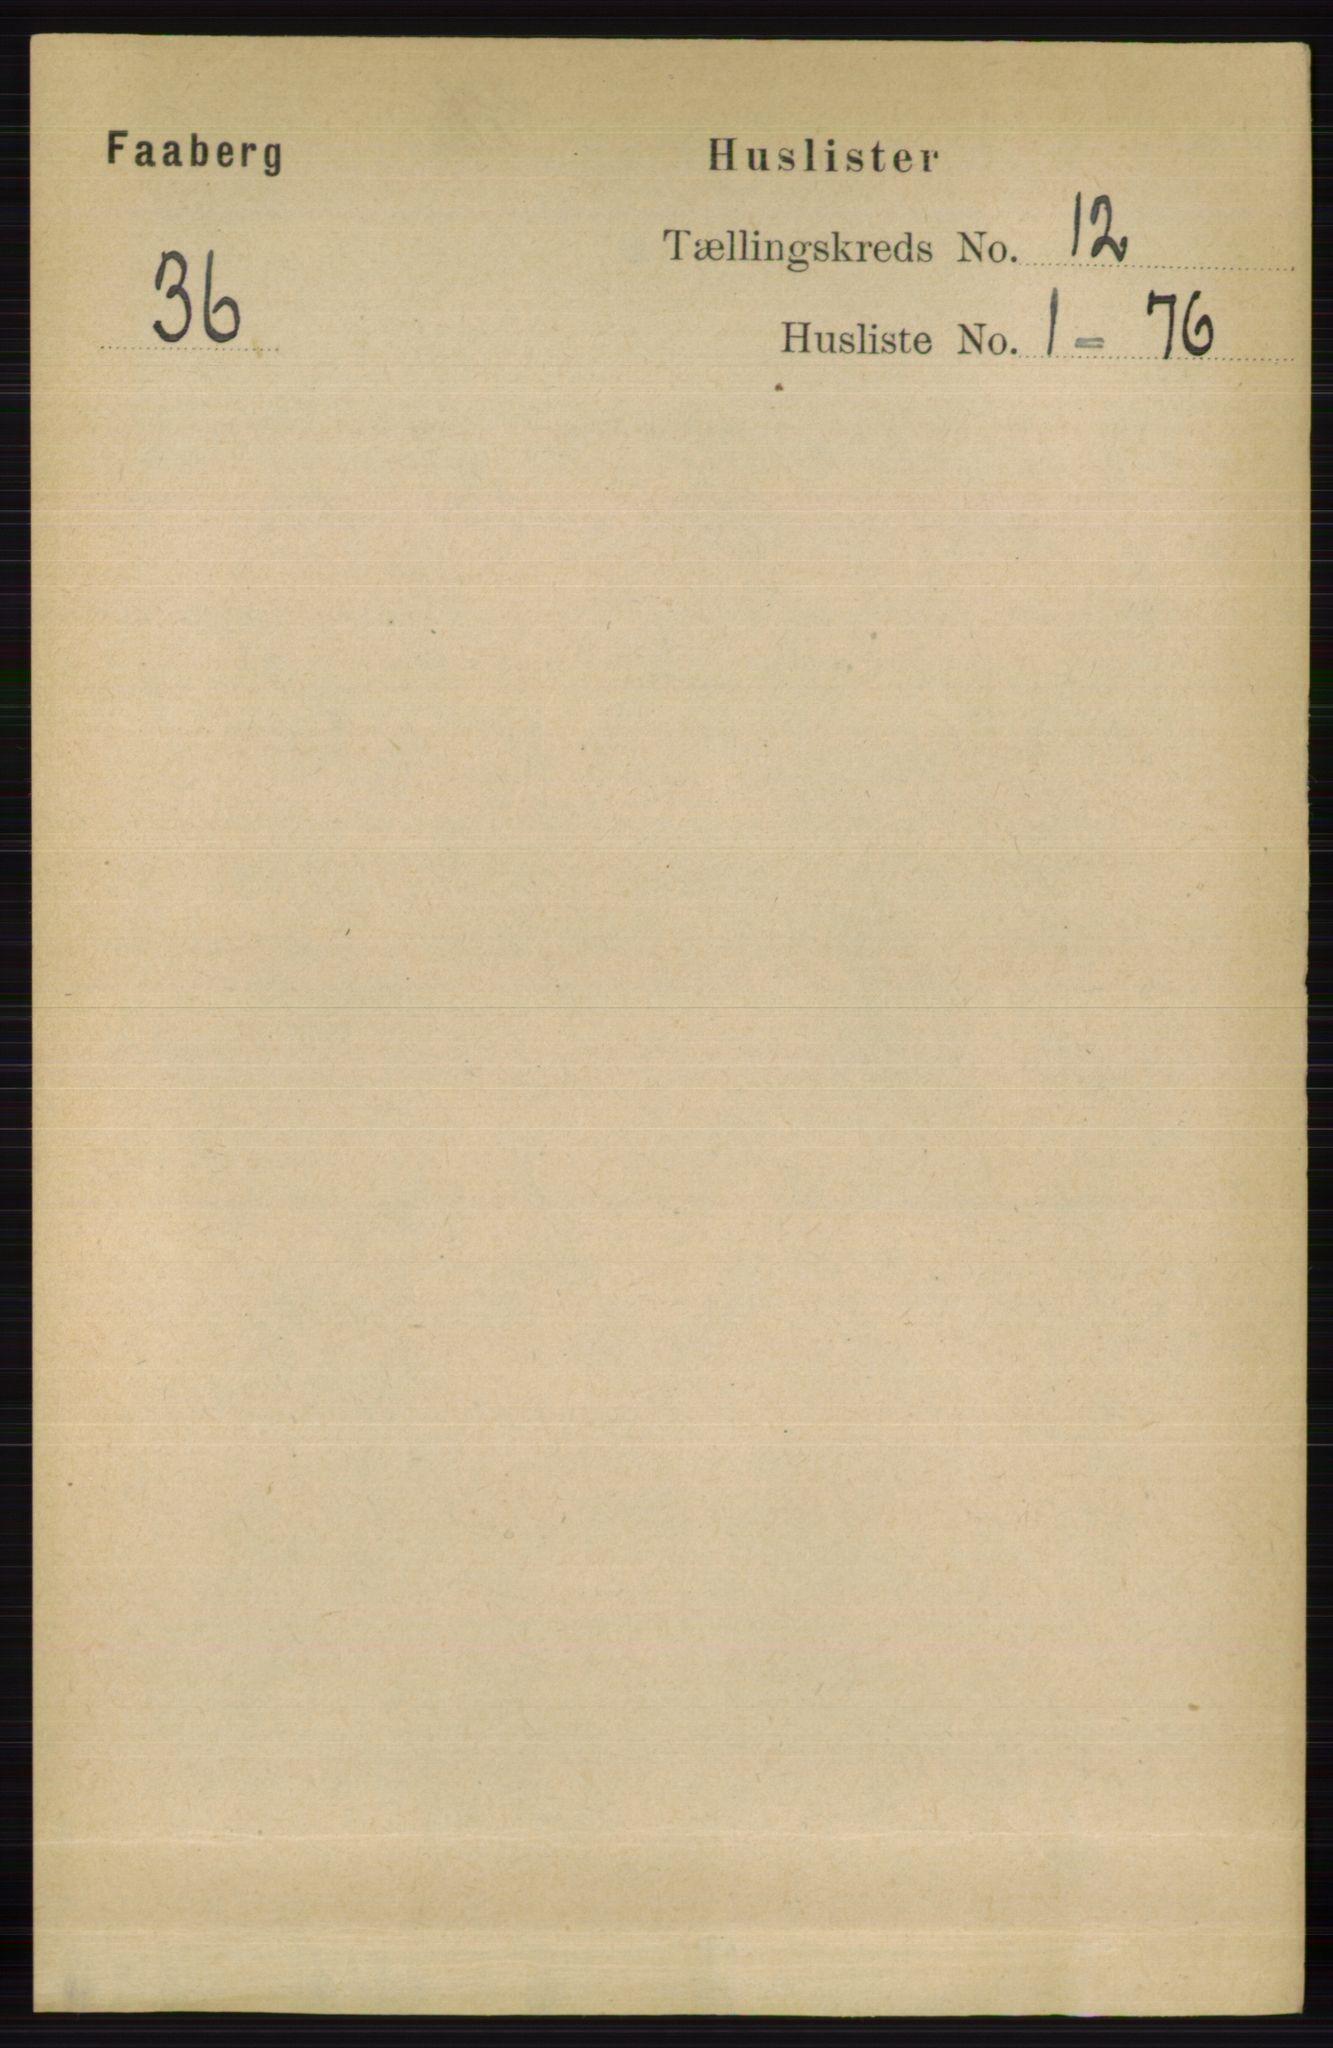 RA, Folketelling 1891 for 0524 Fåberg herred, 1891, s. 4692